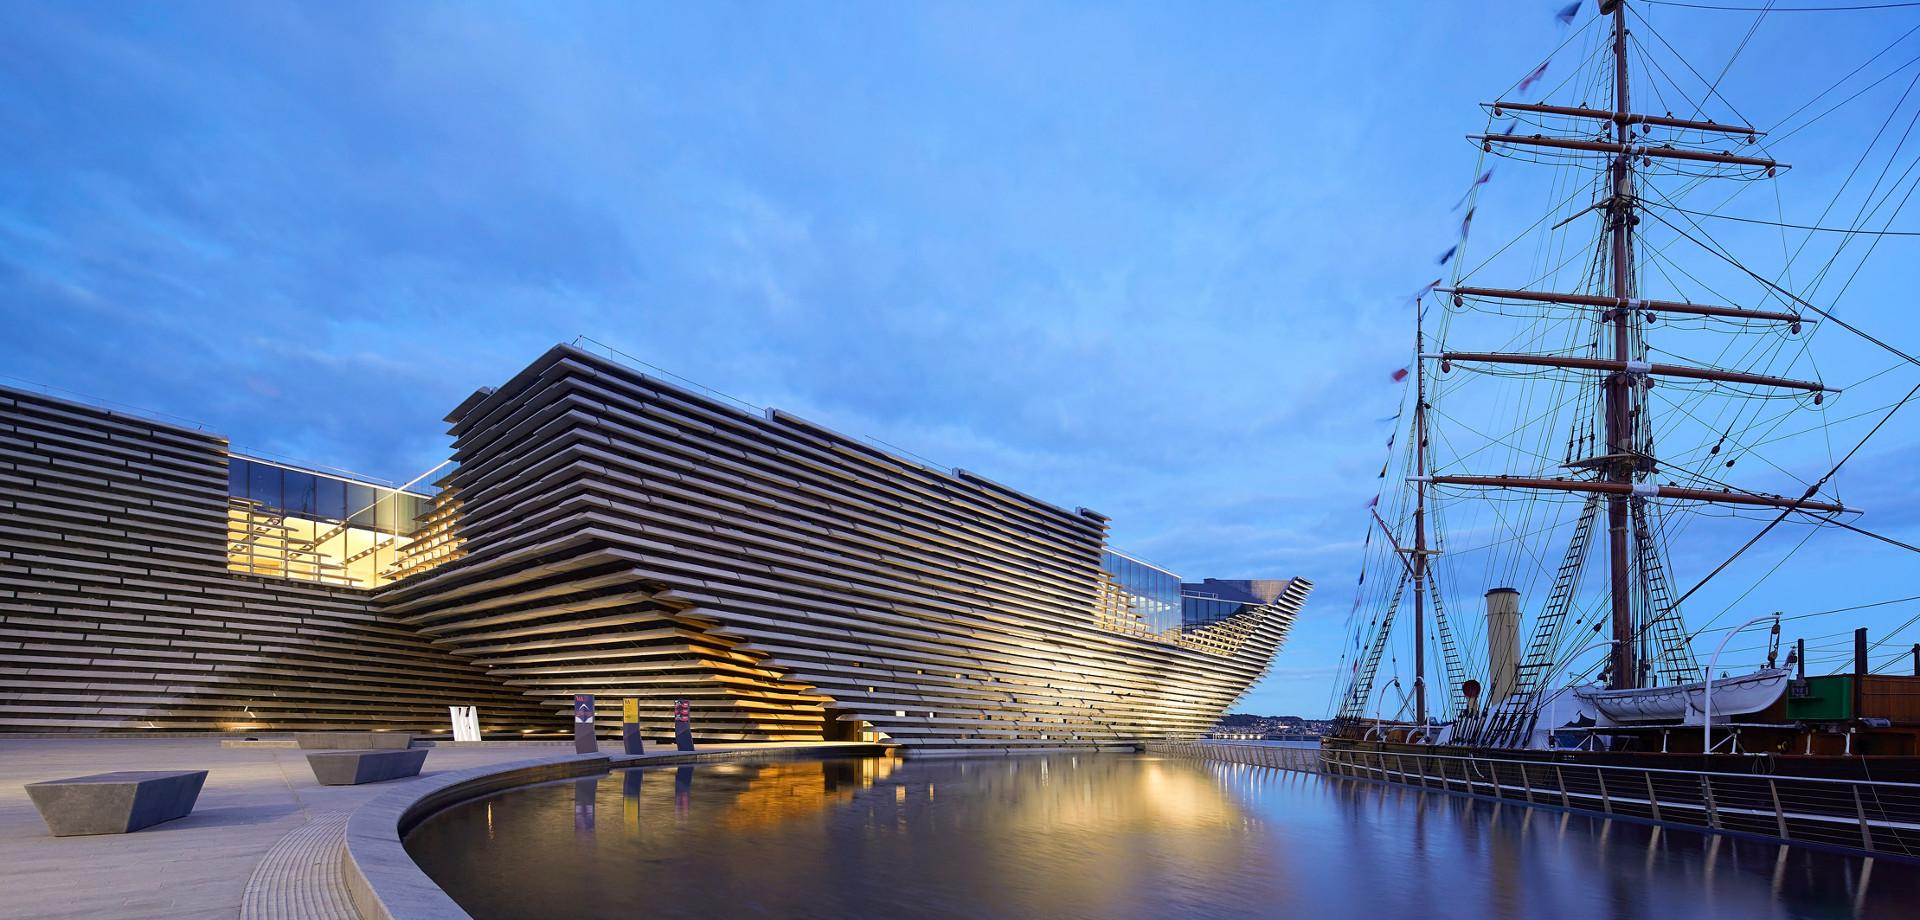 Σκωτία μουσείο